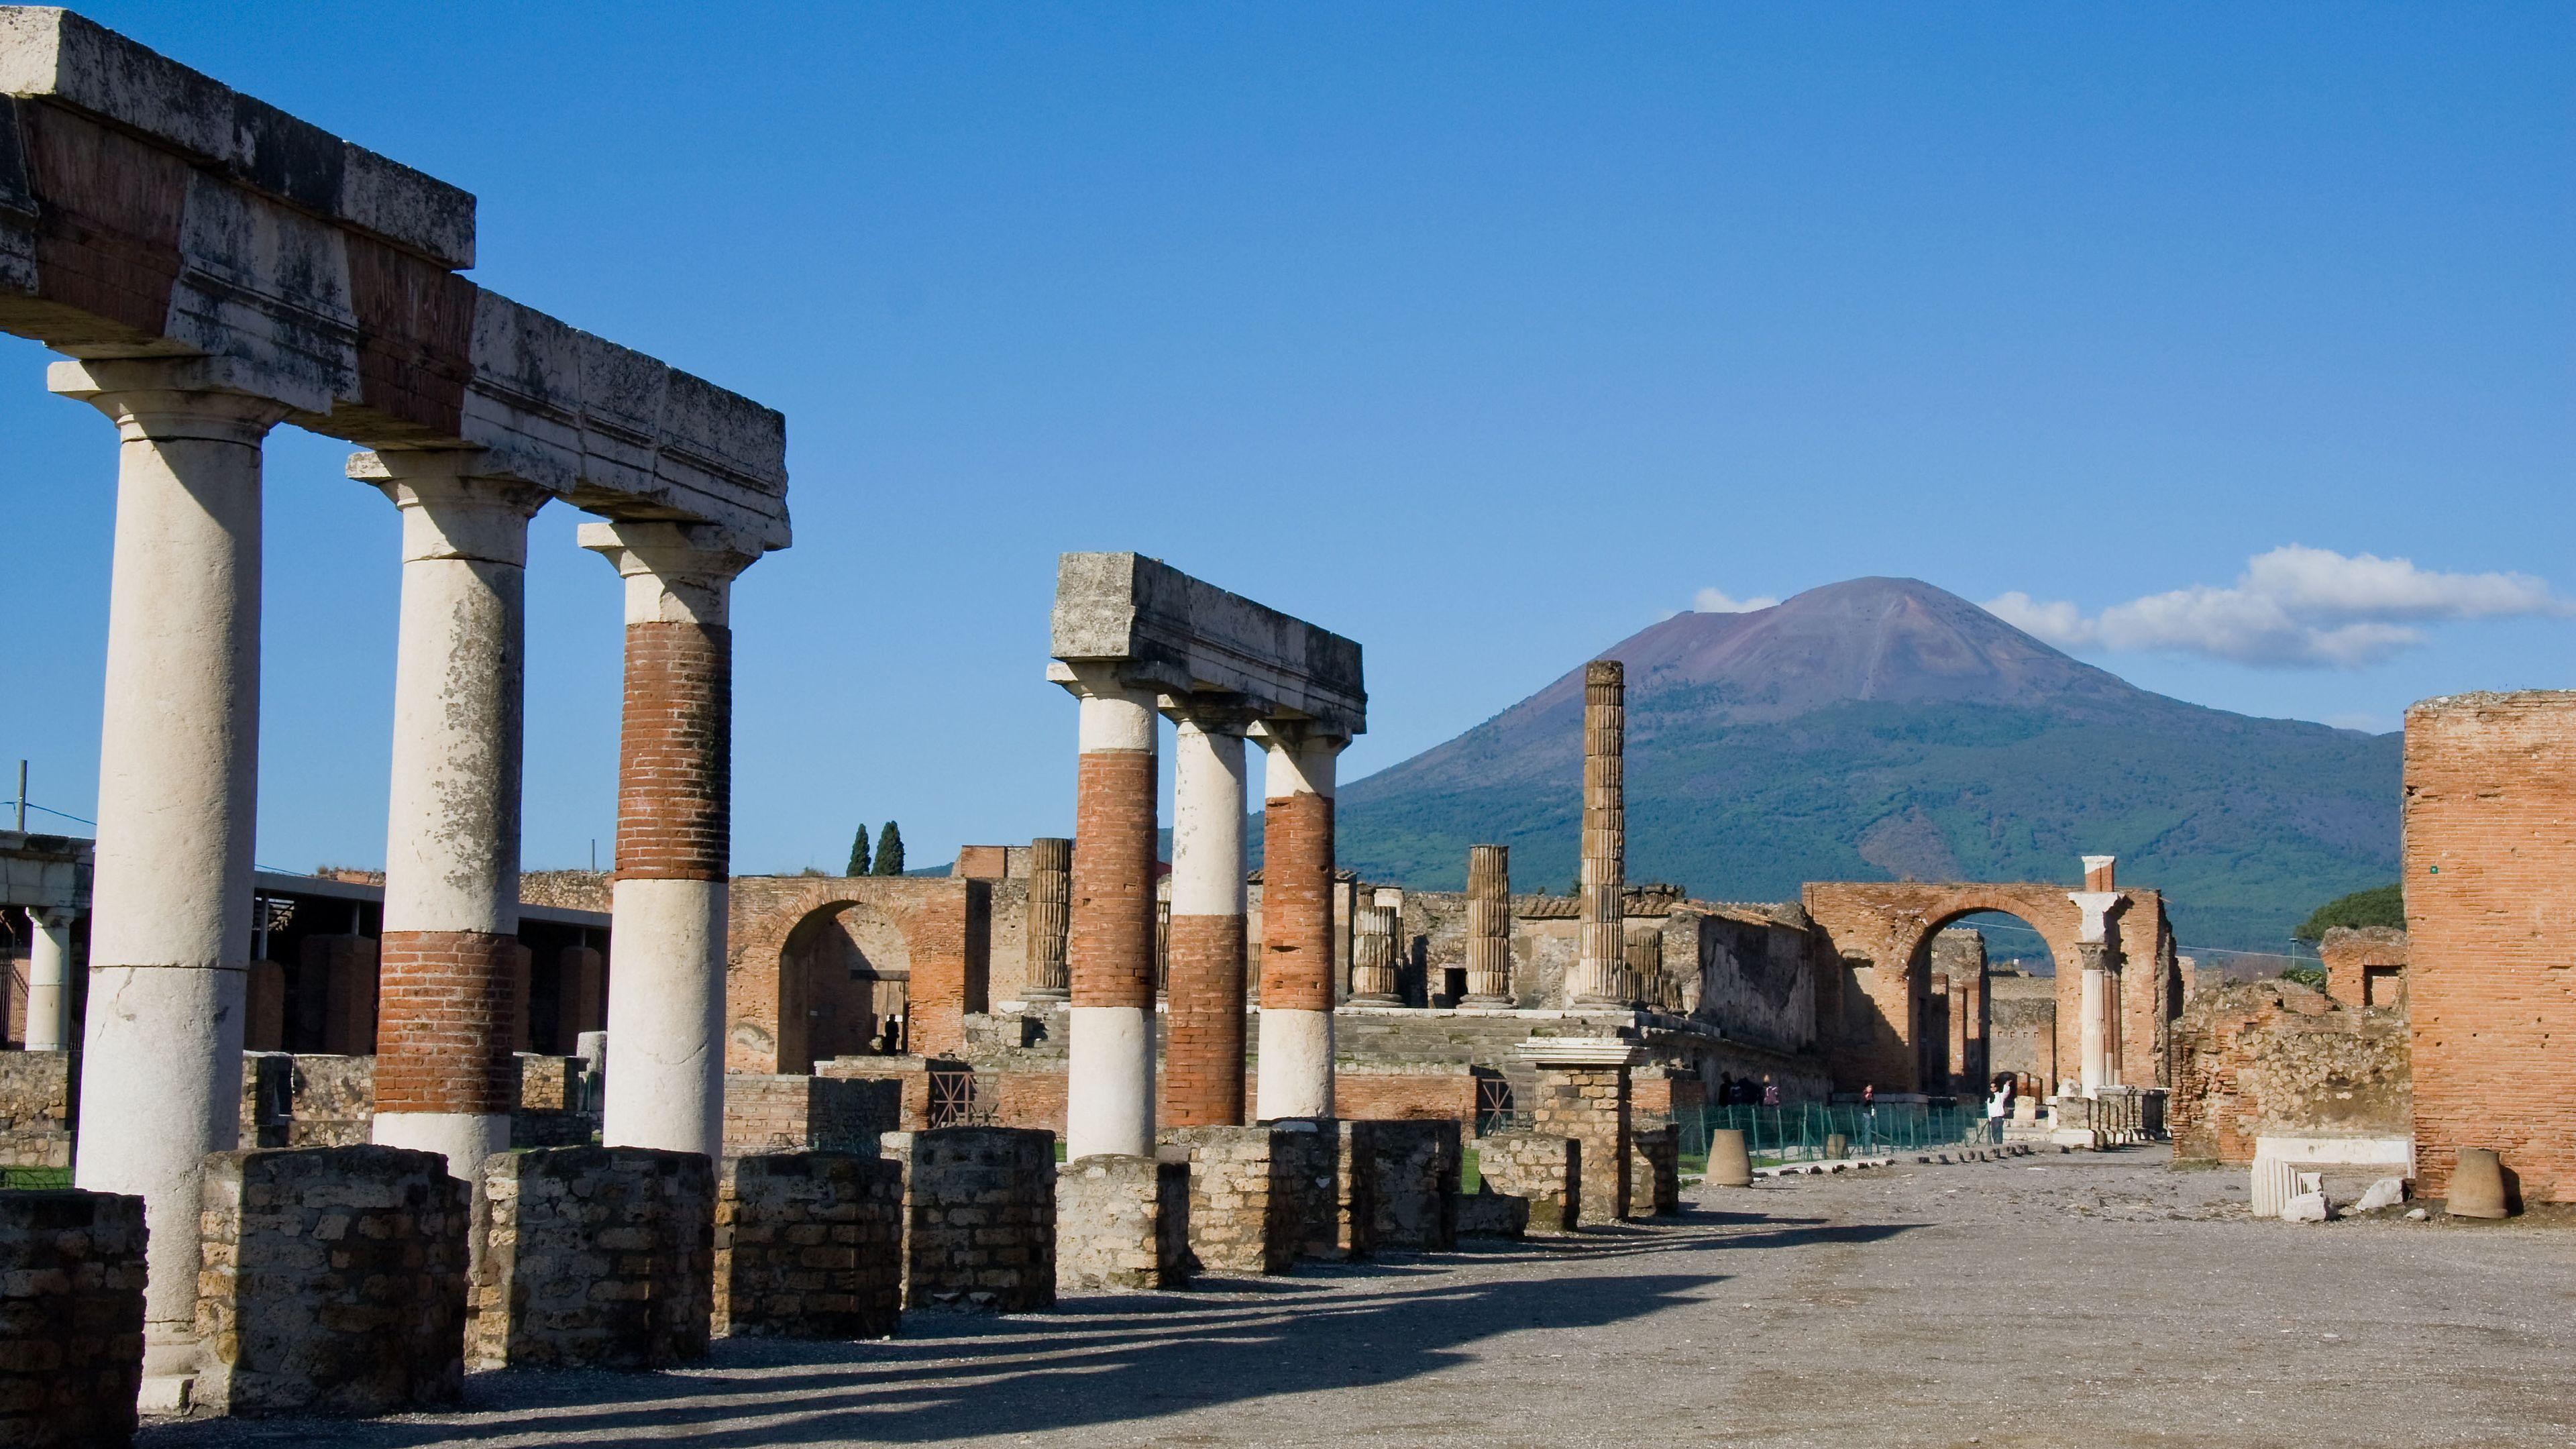 View of Mt Vesuvius from Pompeii ruins.